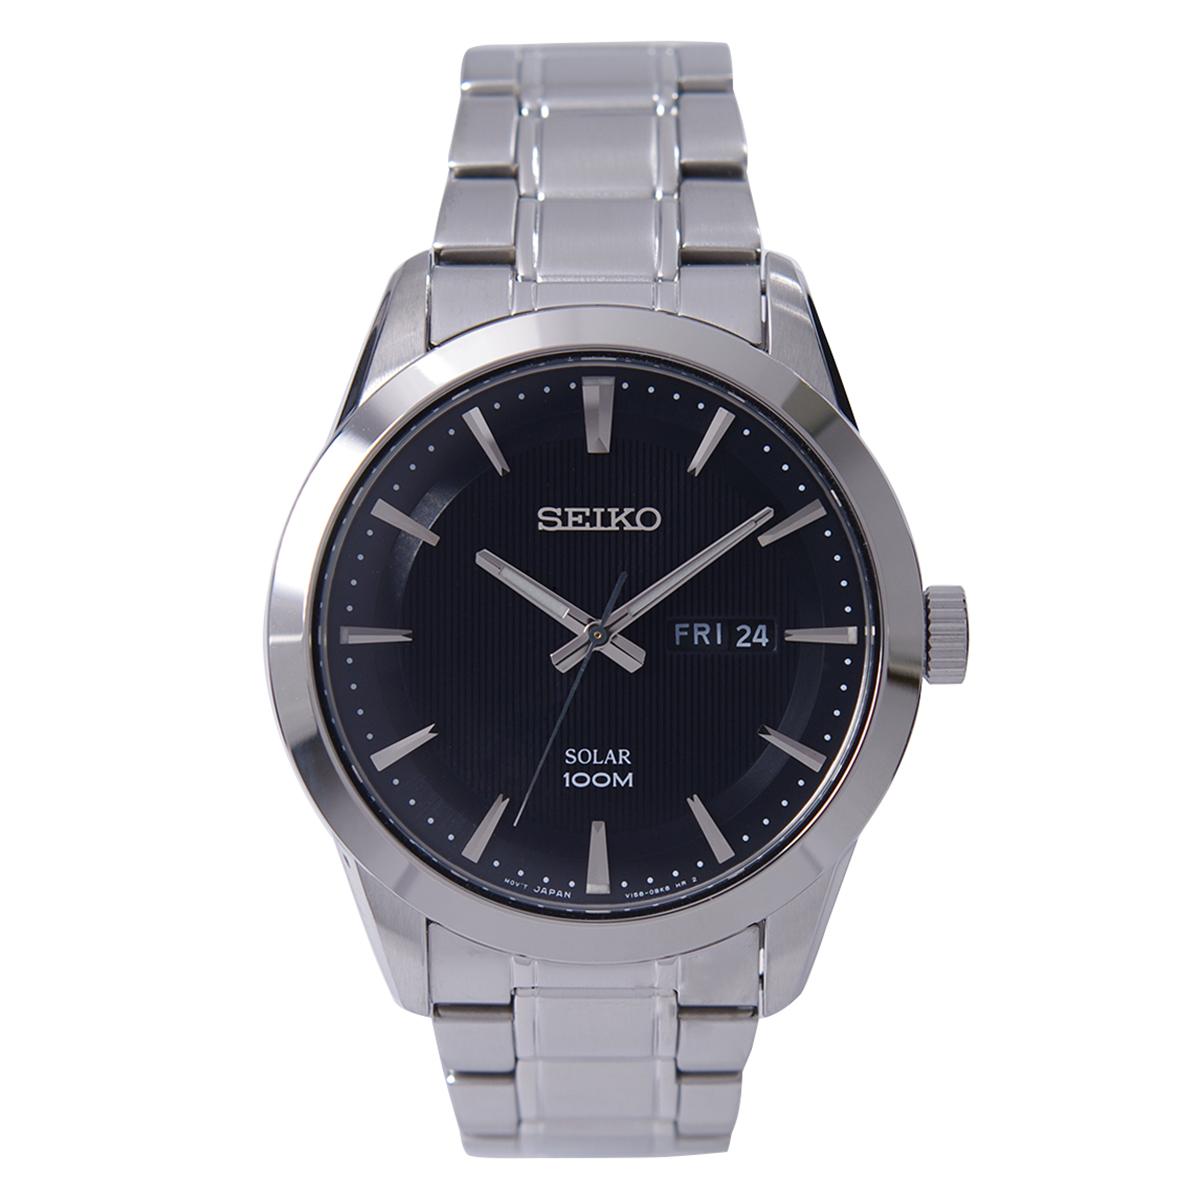 セイコー SEIKO 腕時計 ソーラー 100M防水 直営限定アウトレット SNE363P1 逆輸入品 直輸入品激安 メンズ ブラック文字盤